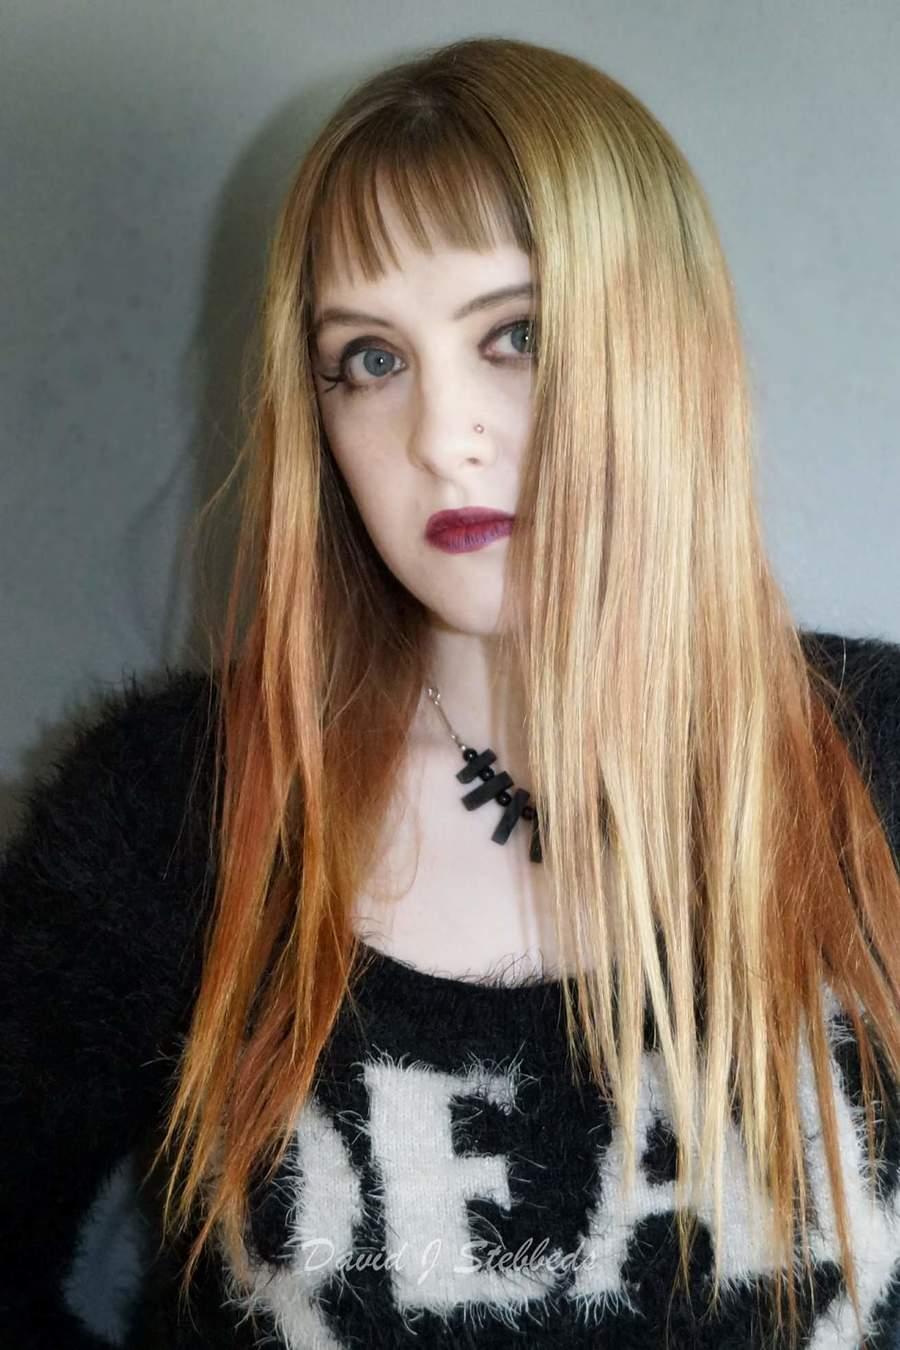 Sleek / Model Maretta Vergette / Uploaded 27th May 2018 @ 09:39 AM